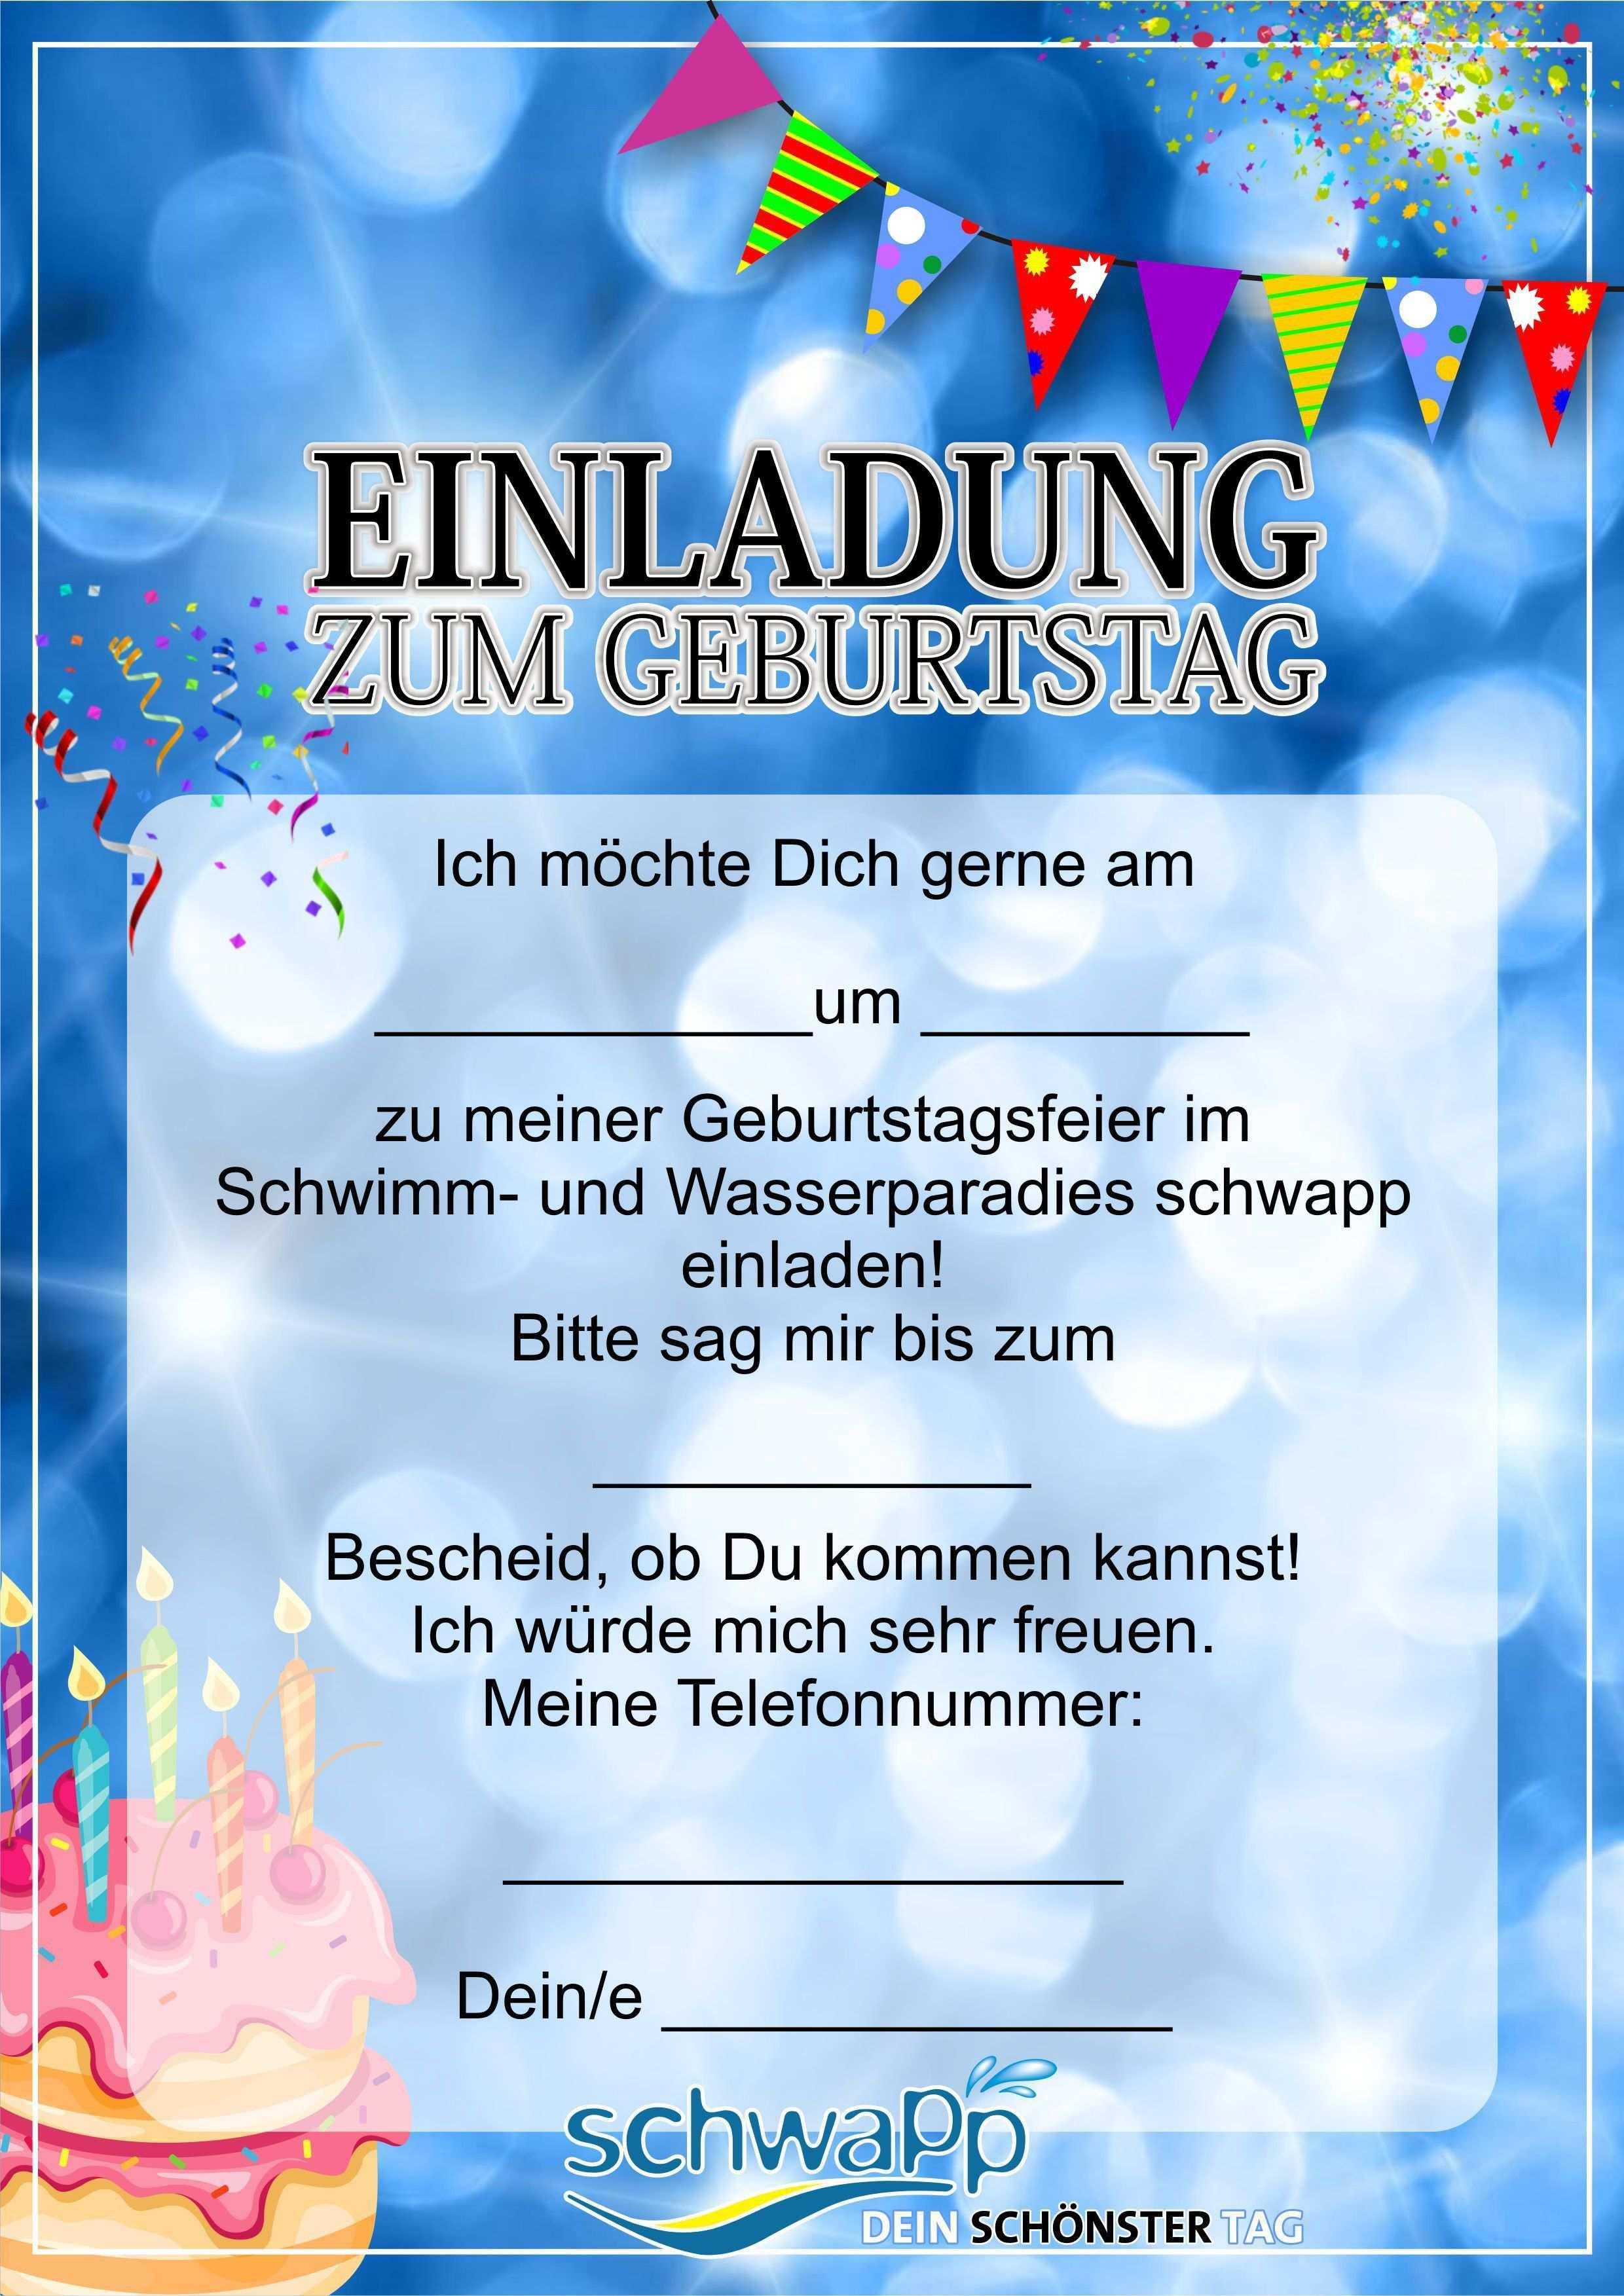 Einladungskarten Kindergeburtstag Thema Schwimmbad Einladungskarten Kindergeburtstag Einladung Geburtstag Einladungskarten Kindergeburtstag Zum Ausdrucken